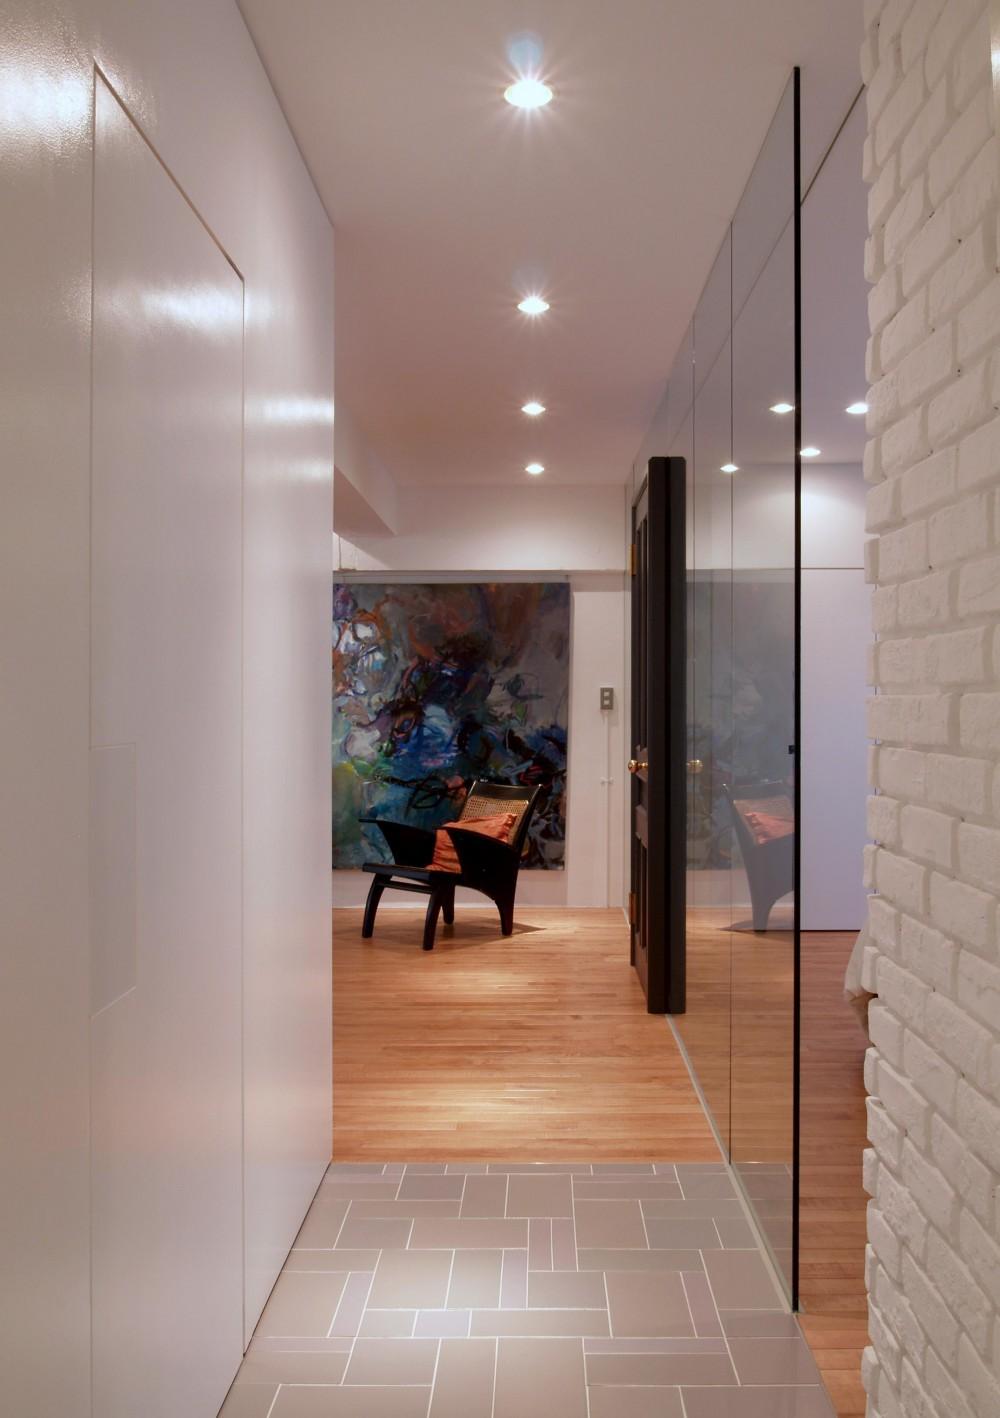 ALICE —広々とした部屋にそびえる一枚のドア!? (玄関からリビング方面へ)